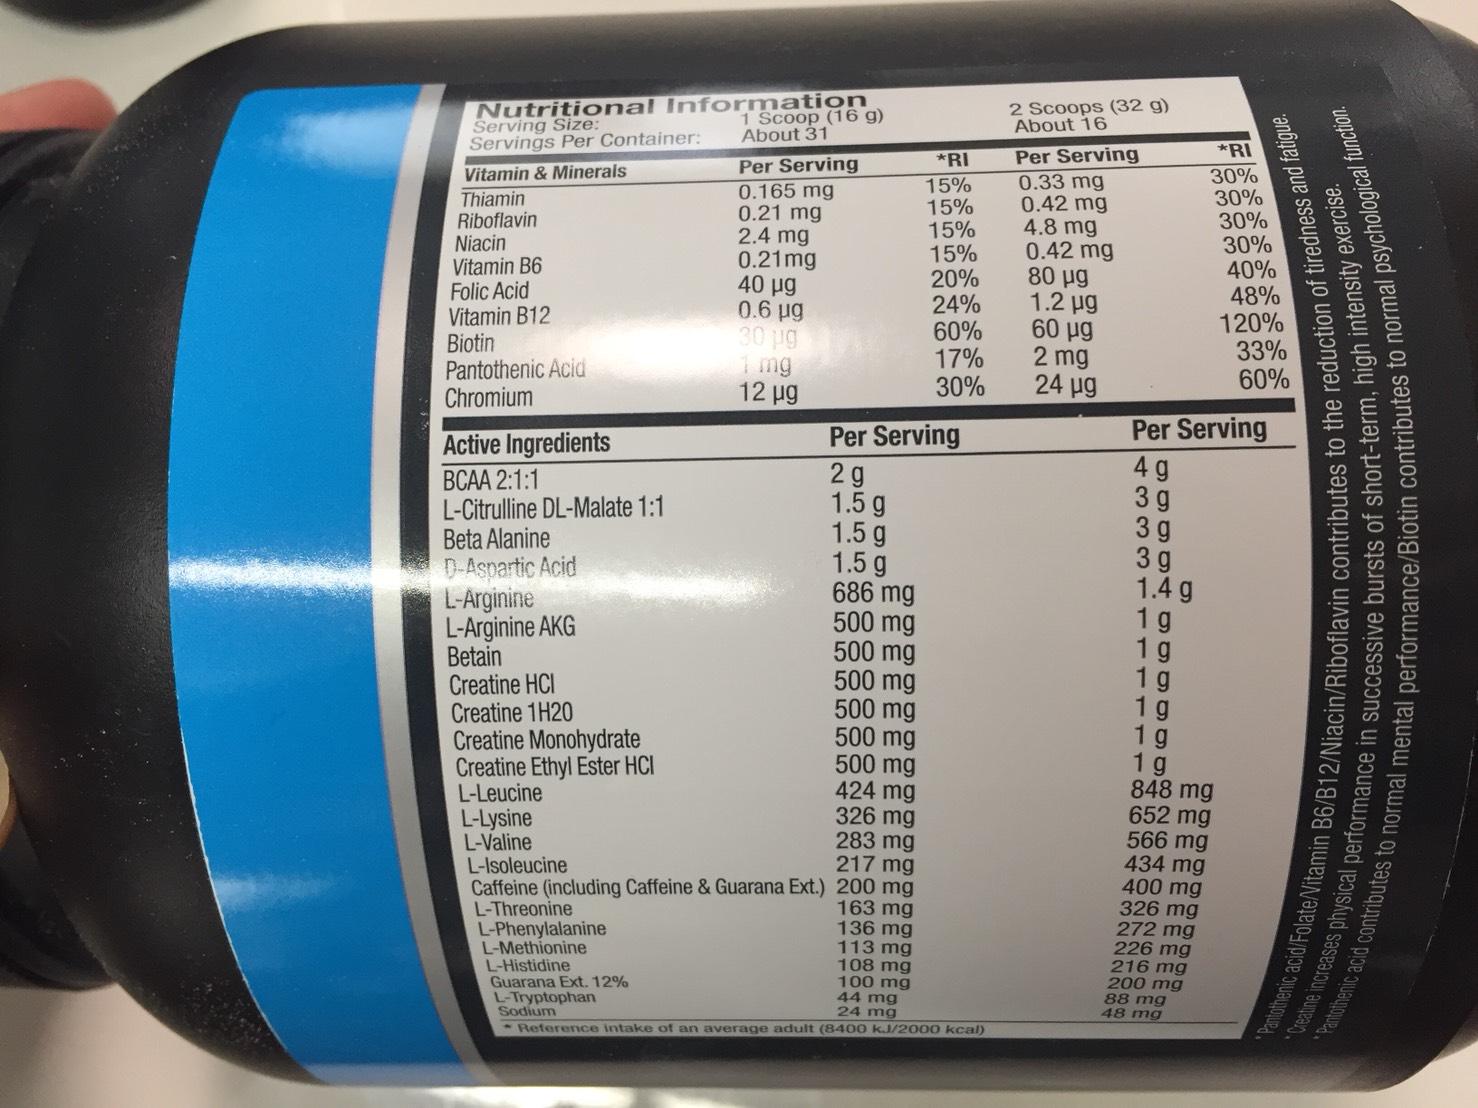 Mypre(マイプレ)の「Watermelon Flavour(ウォーターメロン味=スイカ味)」の成分表